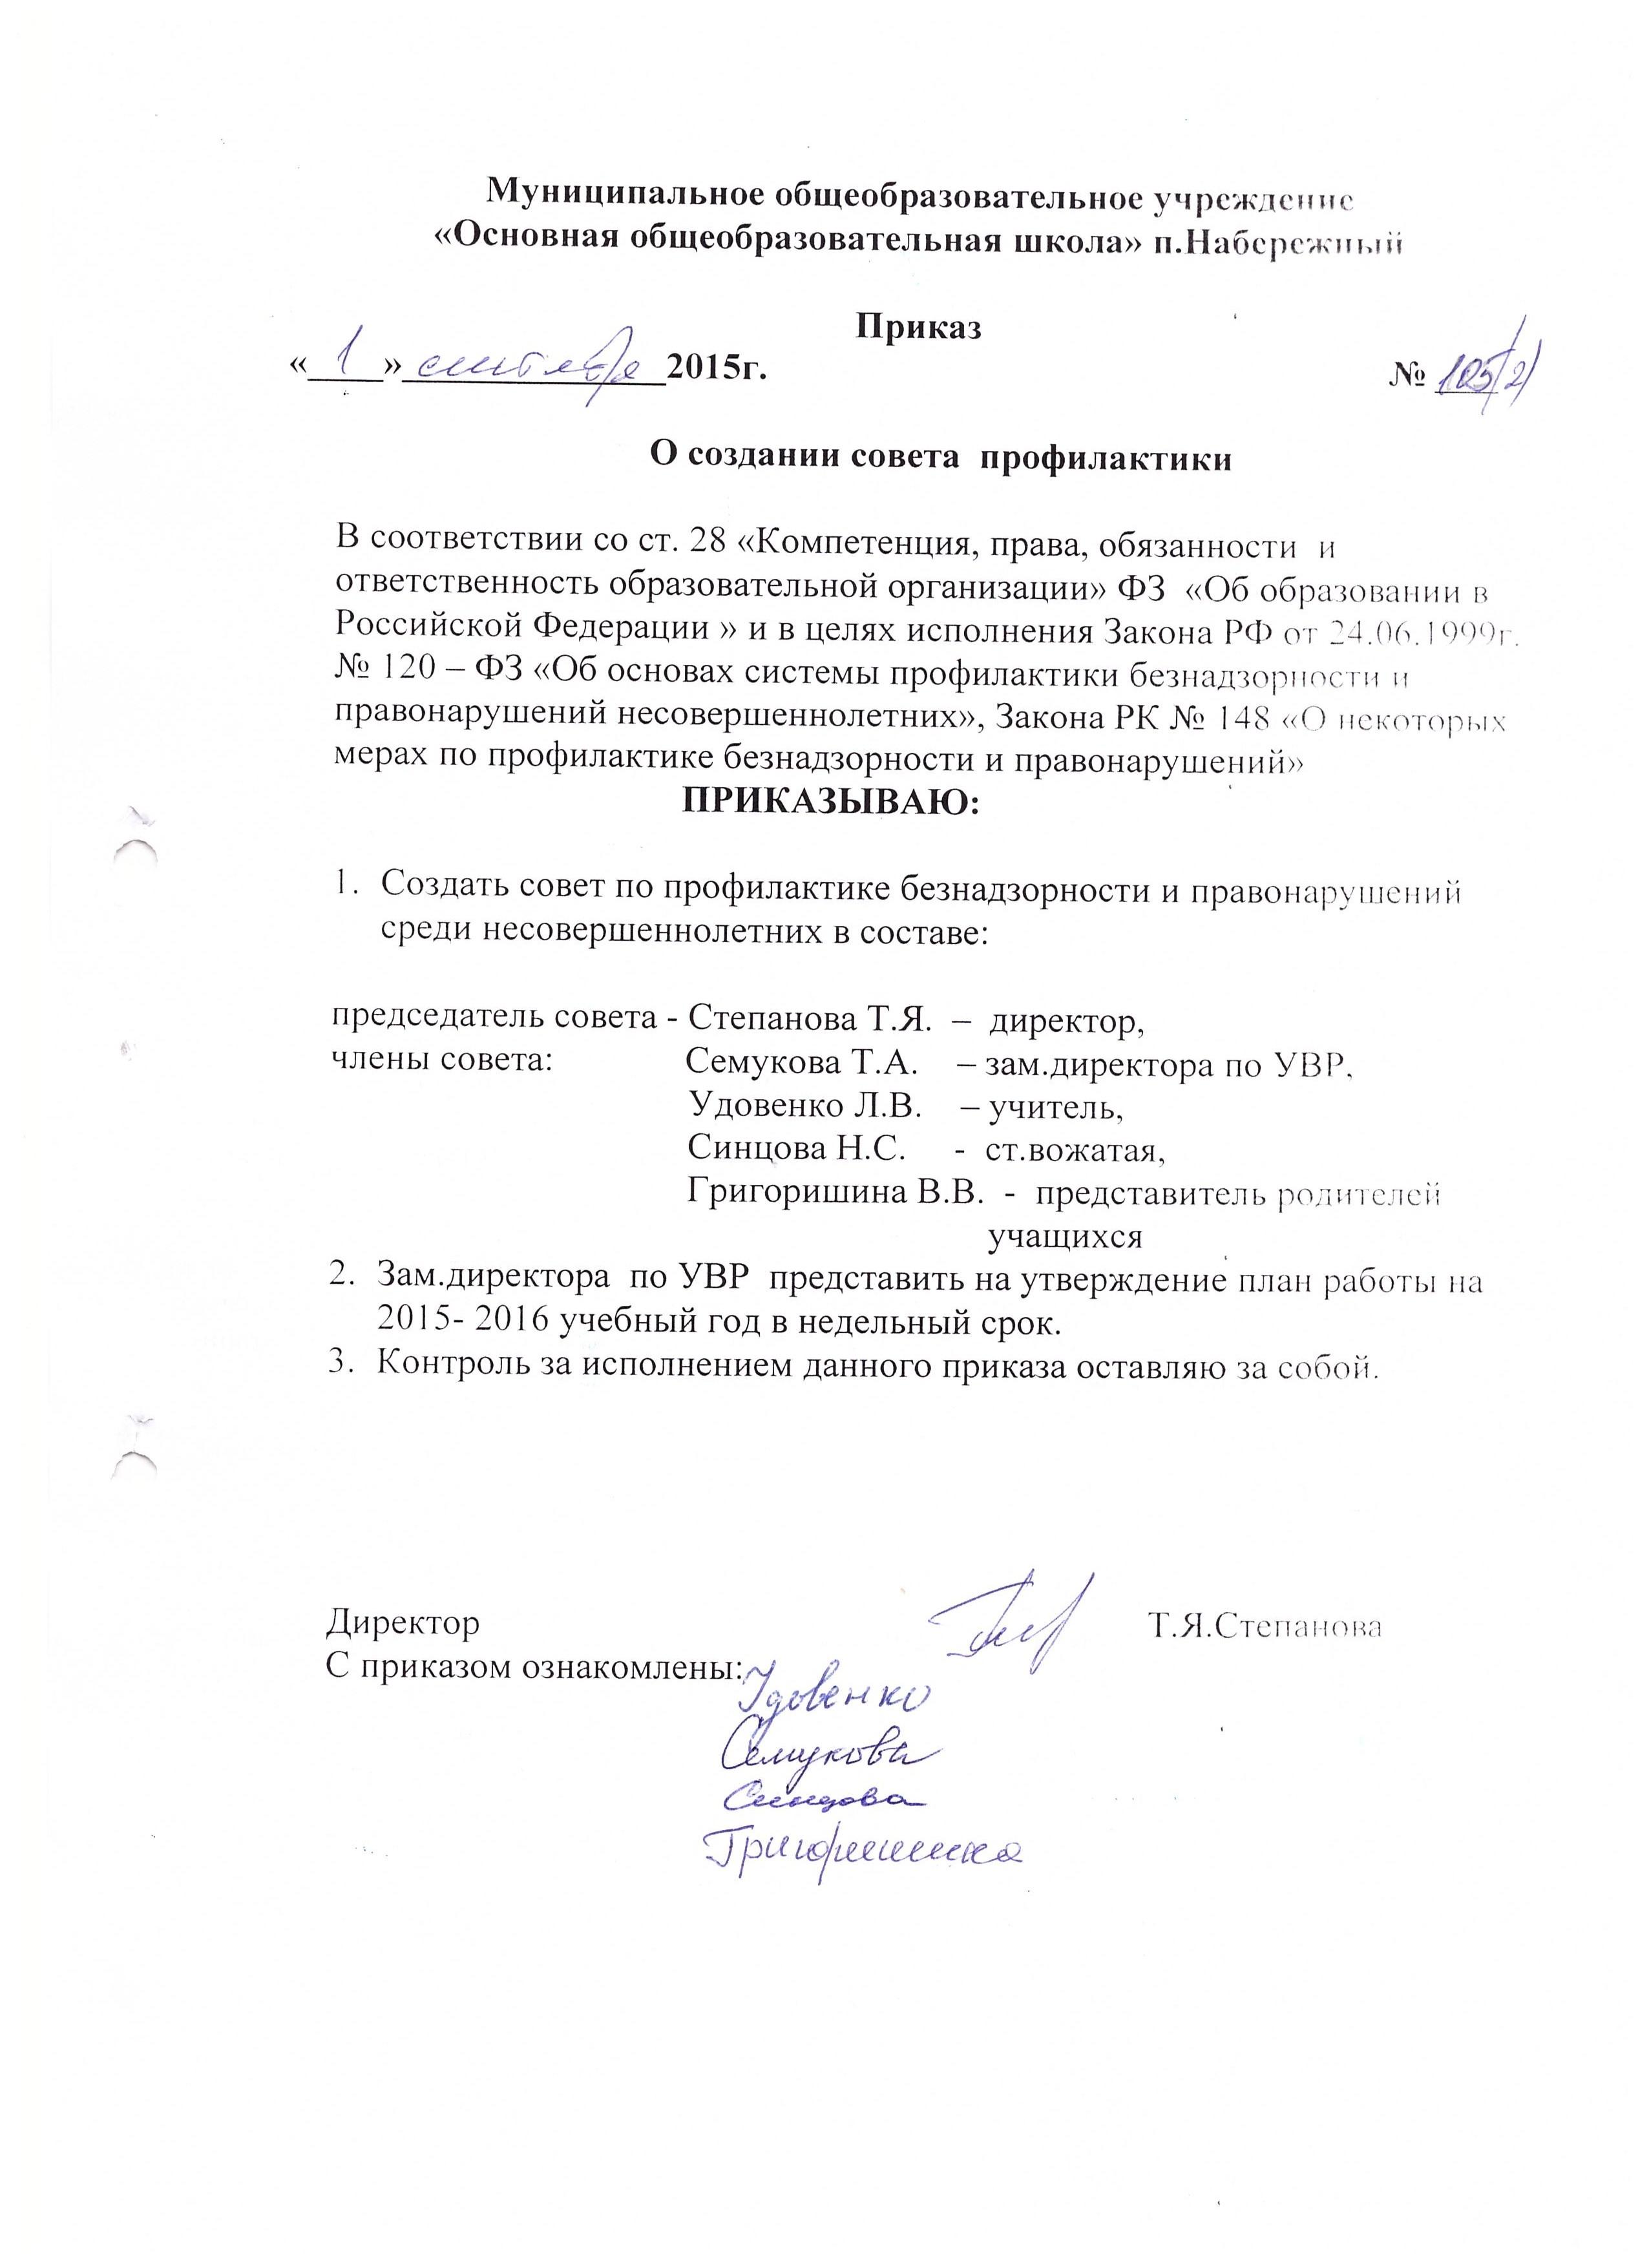 """Приказ № 105 (2) """"О создании совета профилактики"""" от 1 сентября 2015 г."""